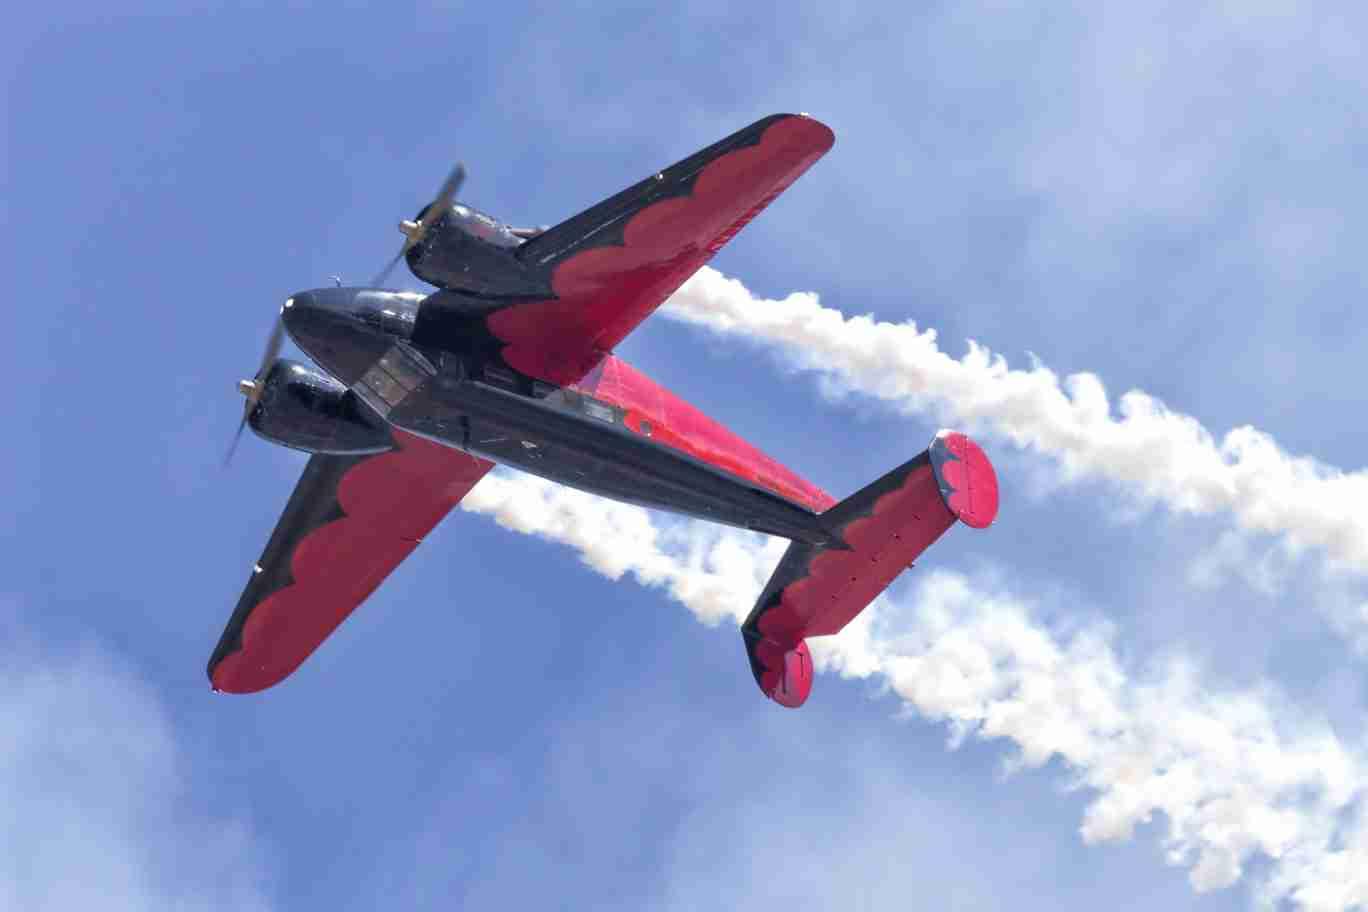 Beech 18 Plane Flying Upside Down